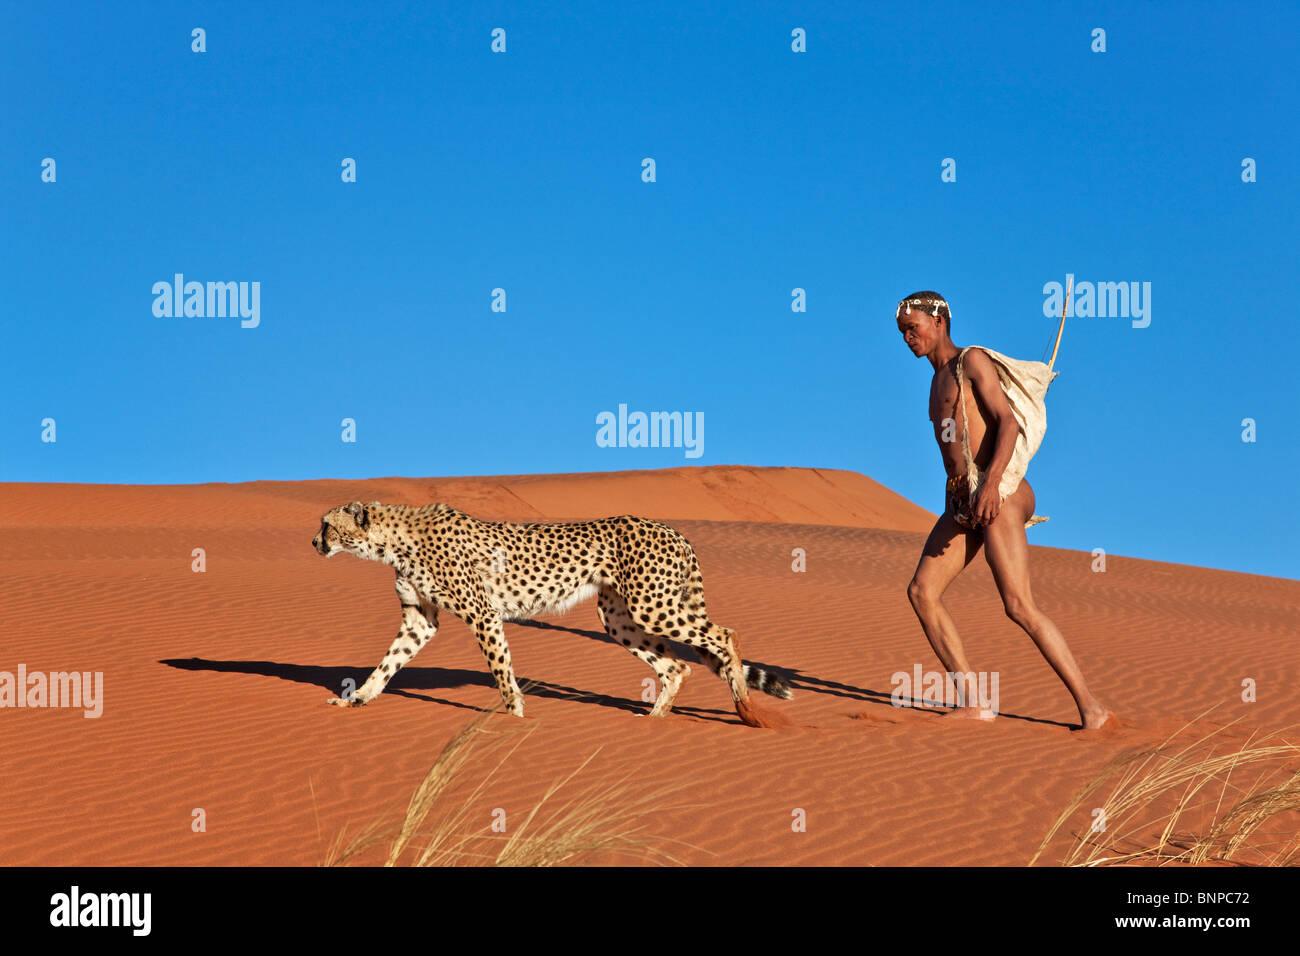 San hunter armés de l'arc et de la flèche traditionnelle avec cheetahBanque D'Images